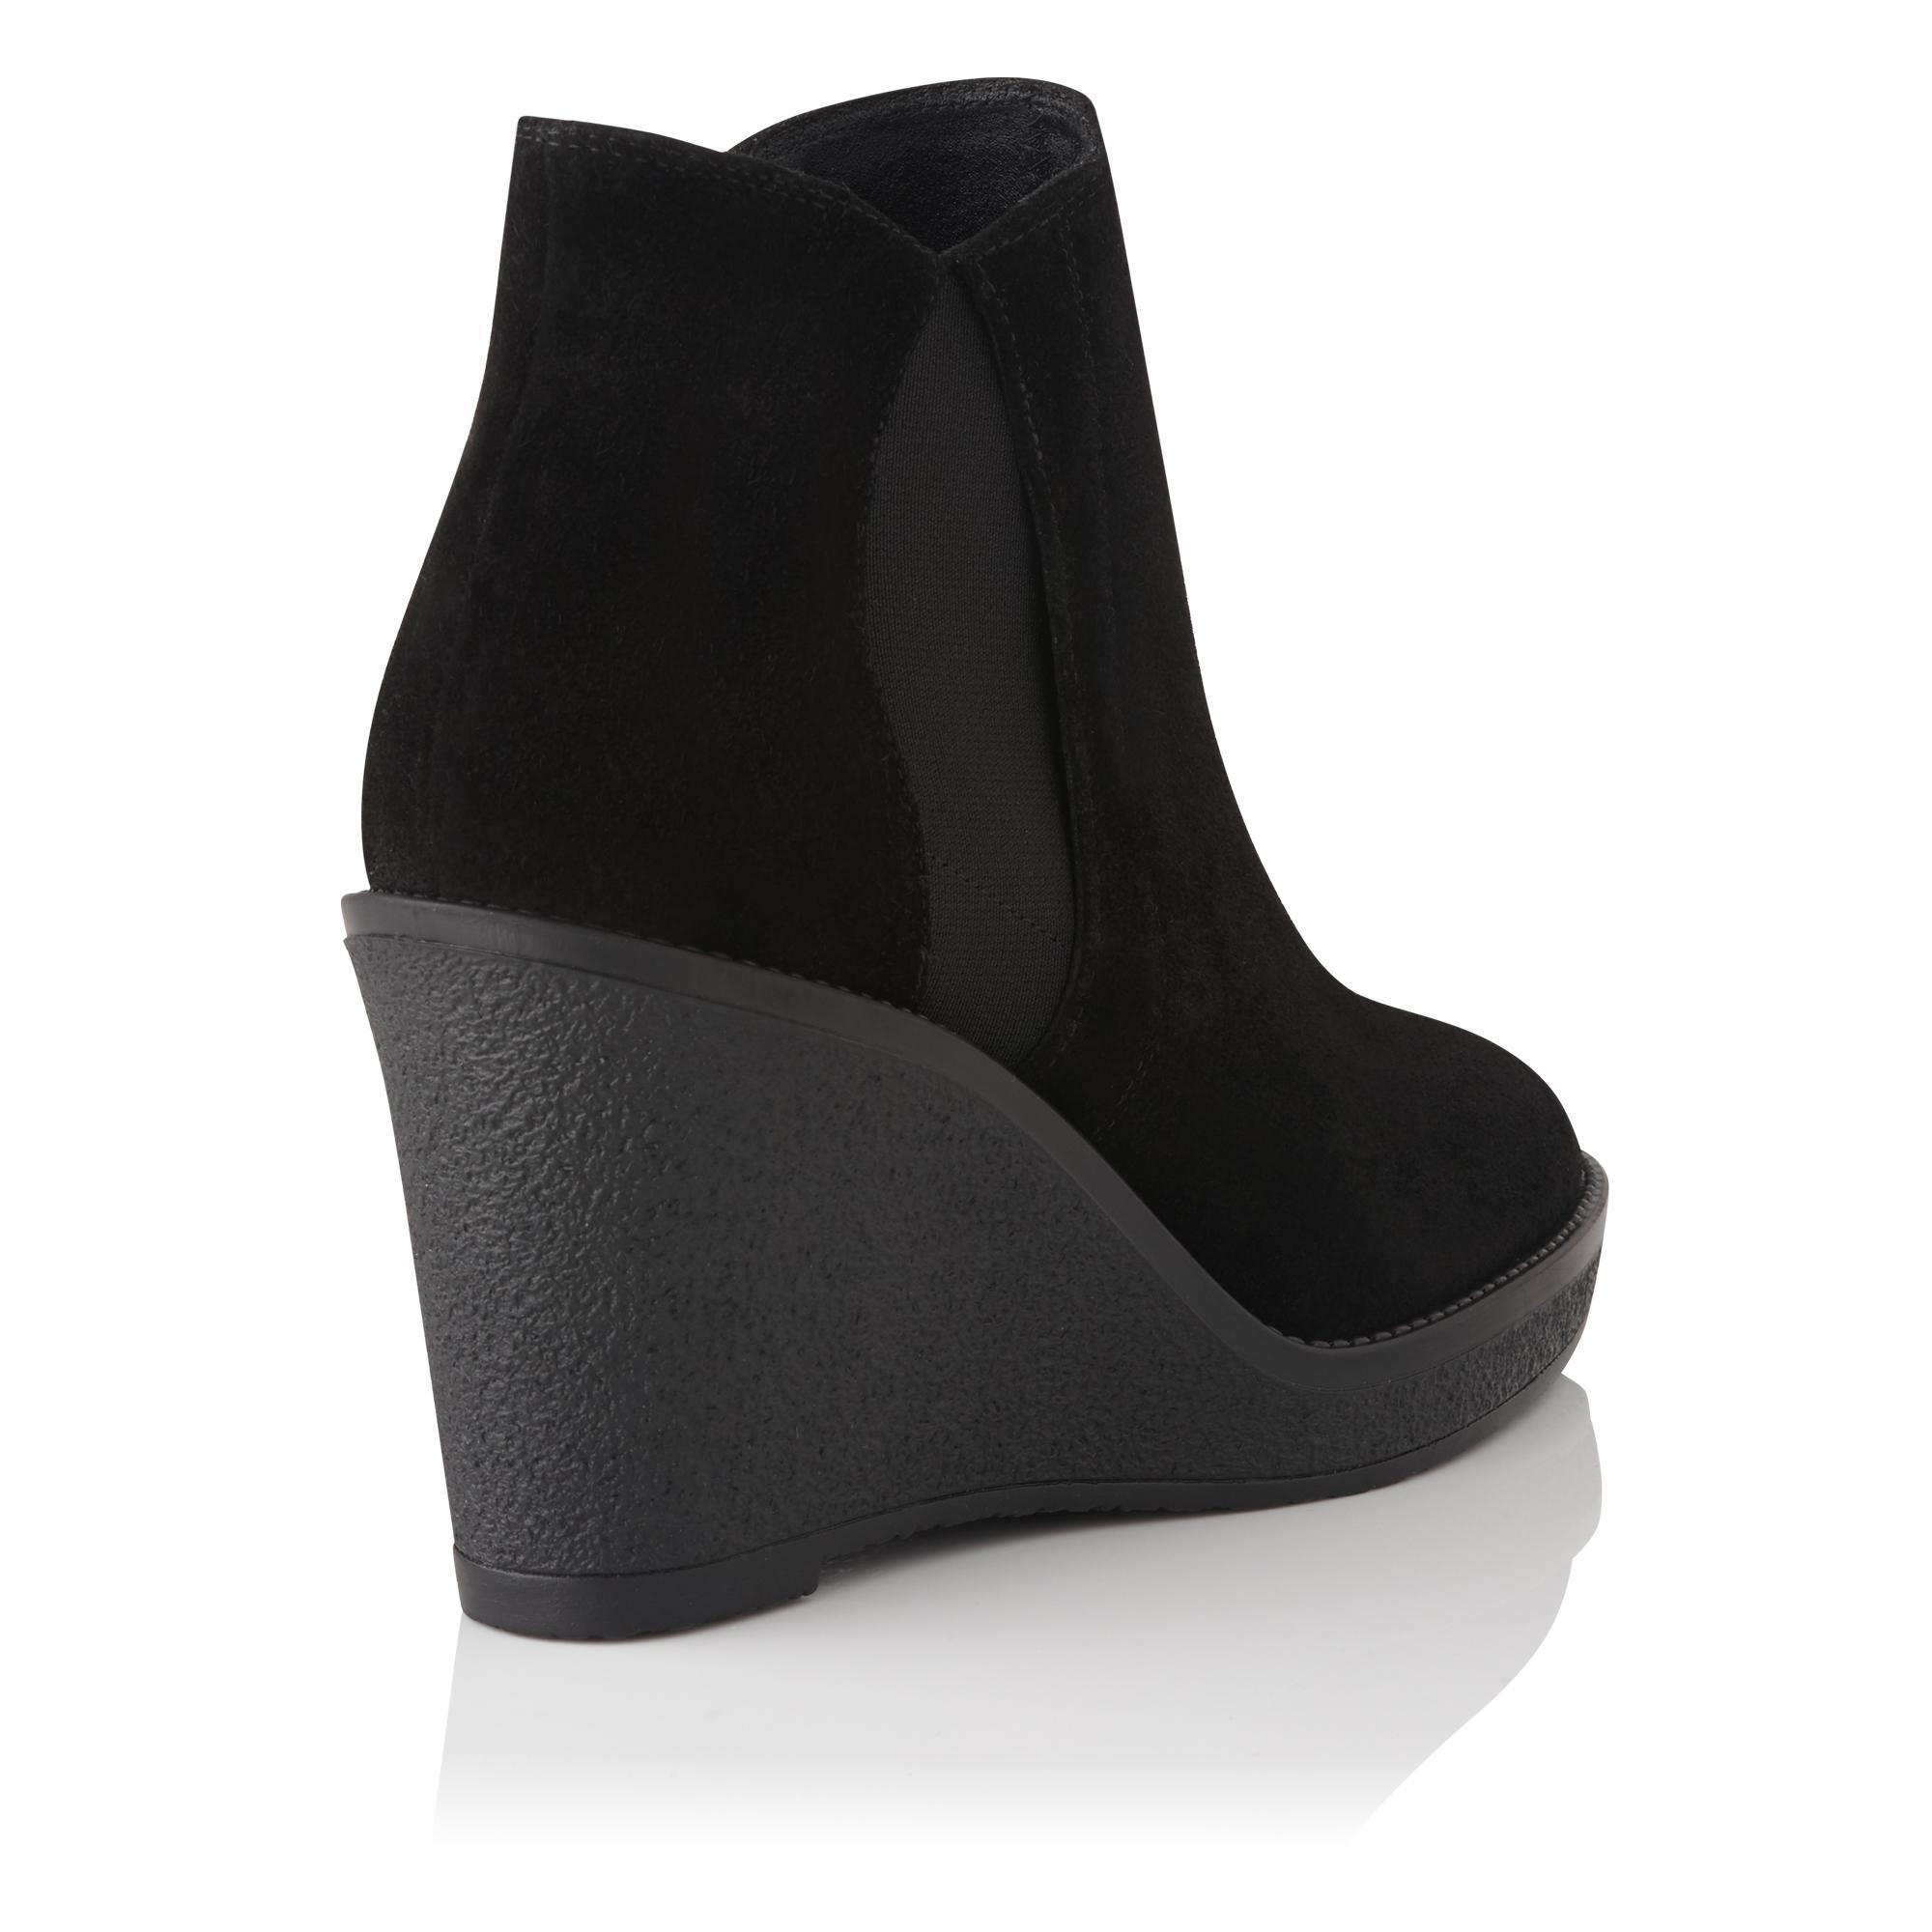 714e367ecb3 Josephine Ankle Boot